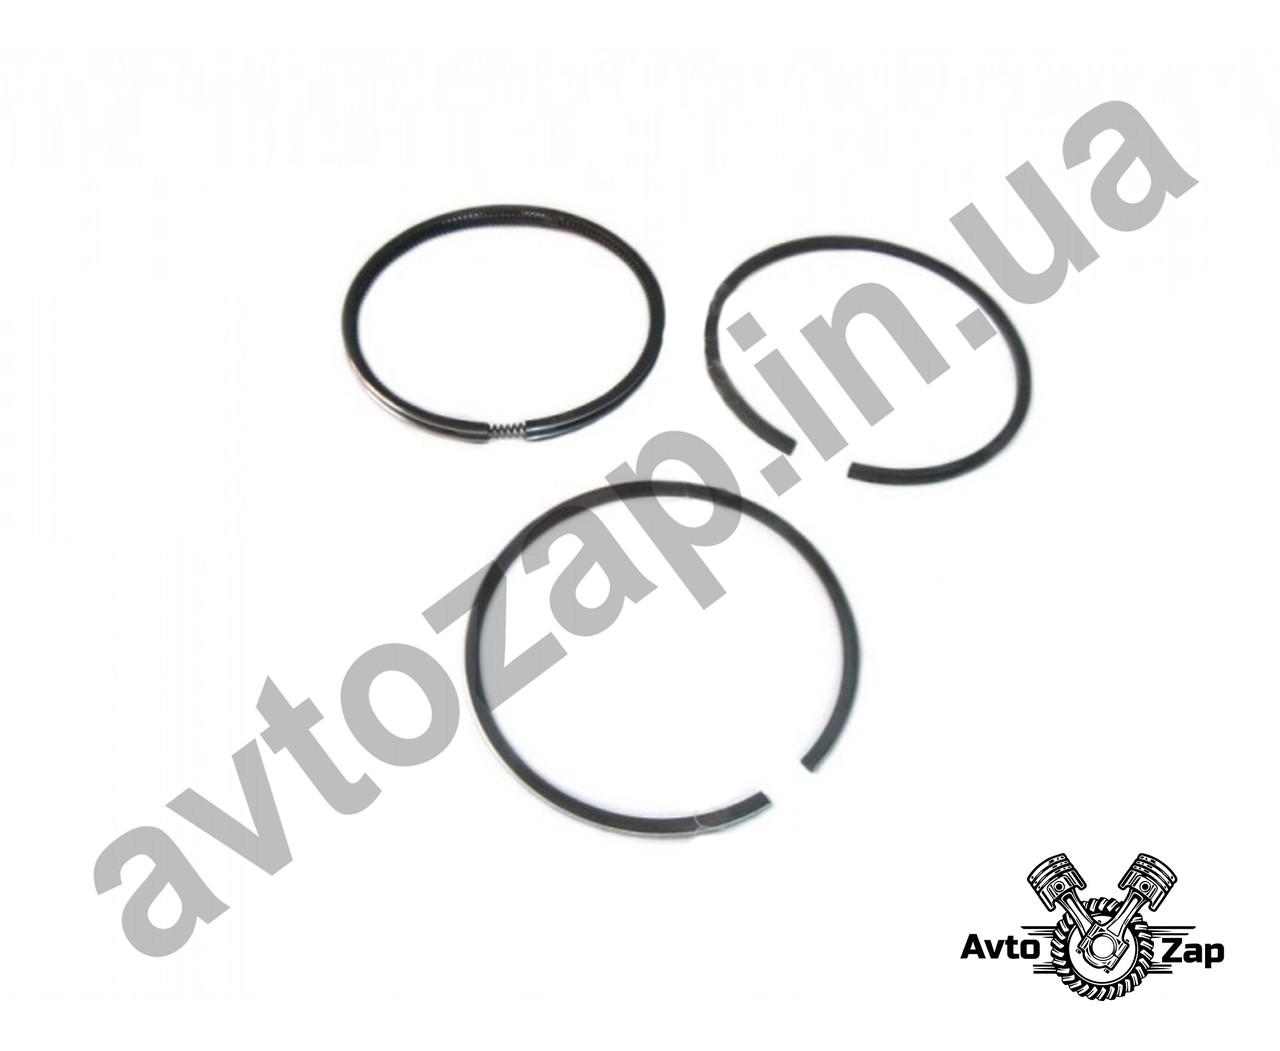 Кольца поршневые Москвич D85,0 Прима